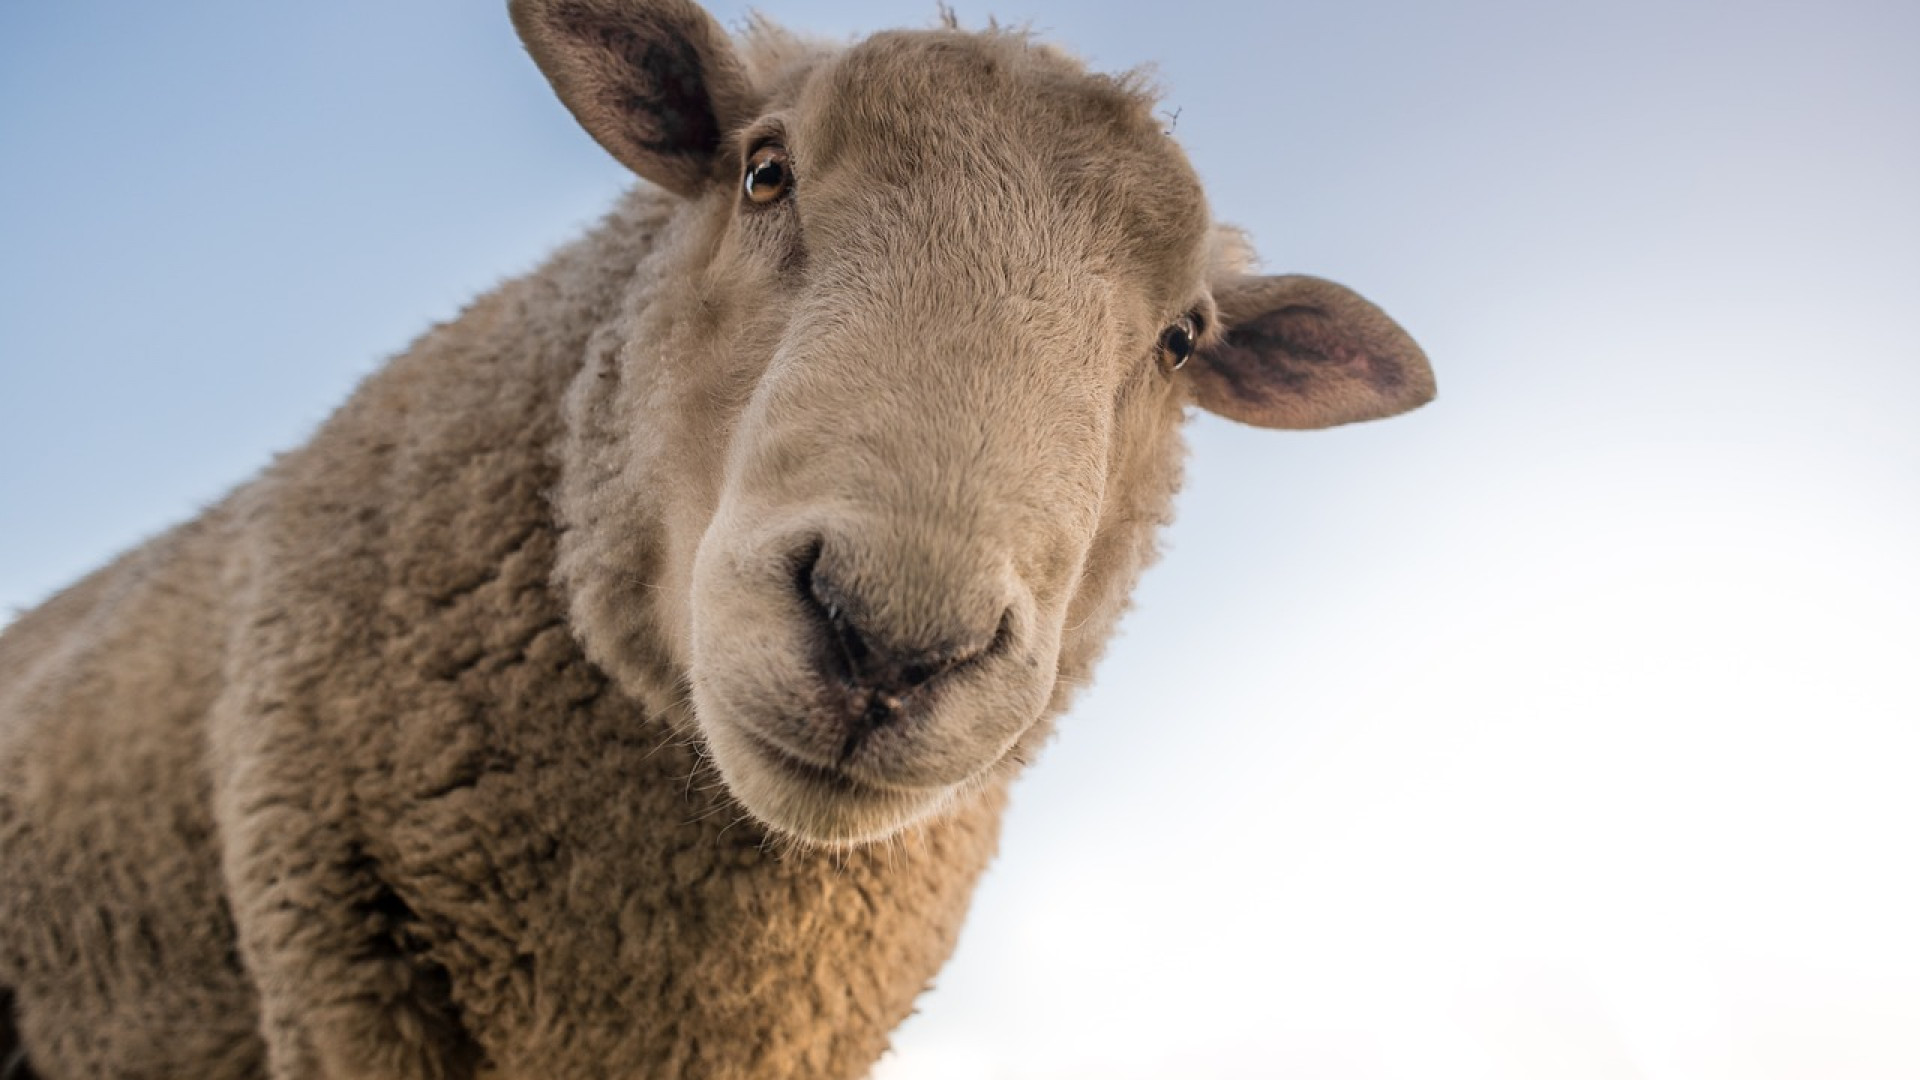 37ed4601bef9cd7bd4bbd4ded82a7b58 - Achetez de la viande d'agneau sur Internet